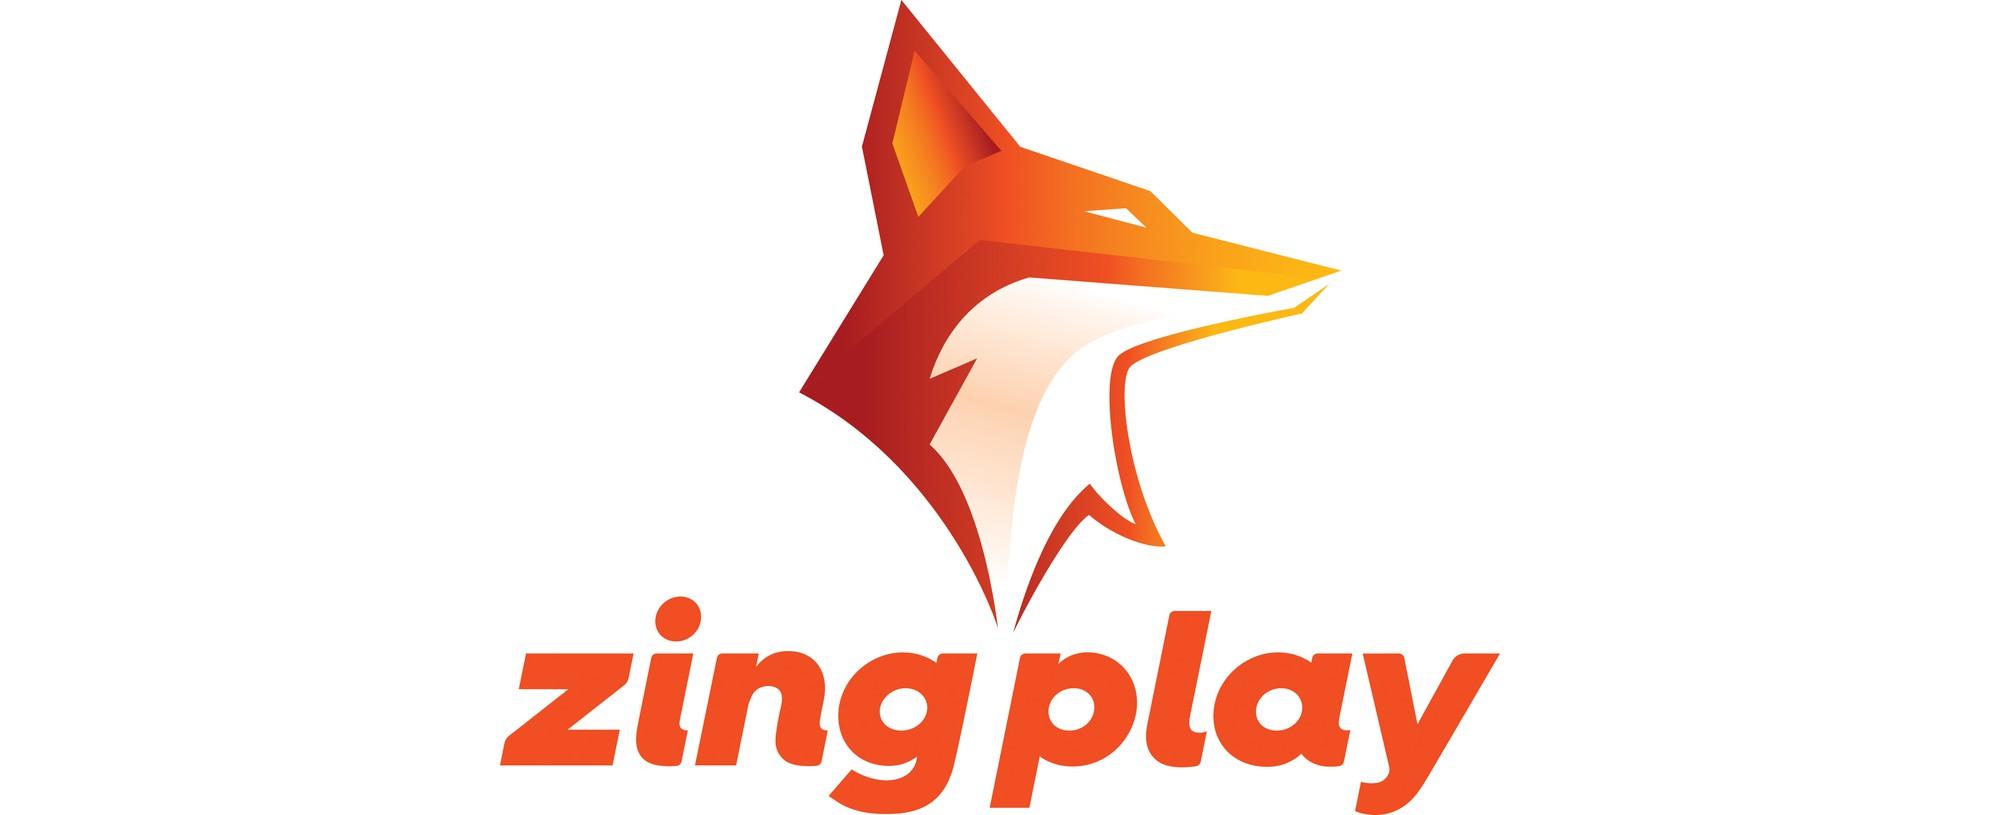 ZingPlay: Chú cáo trưởng thành sau 10 năm phát triển - Ảnh 5.